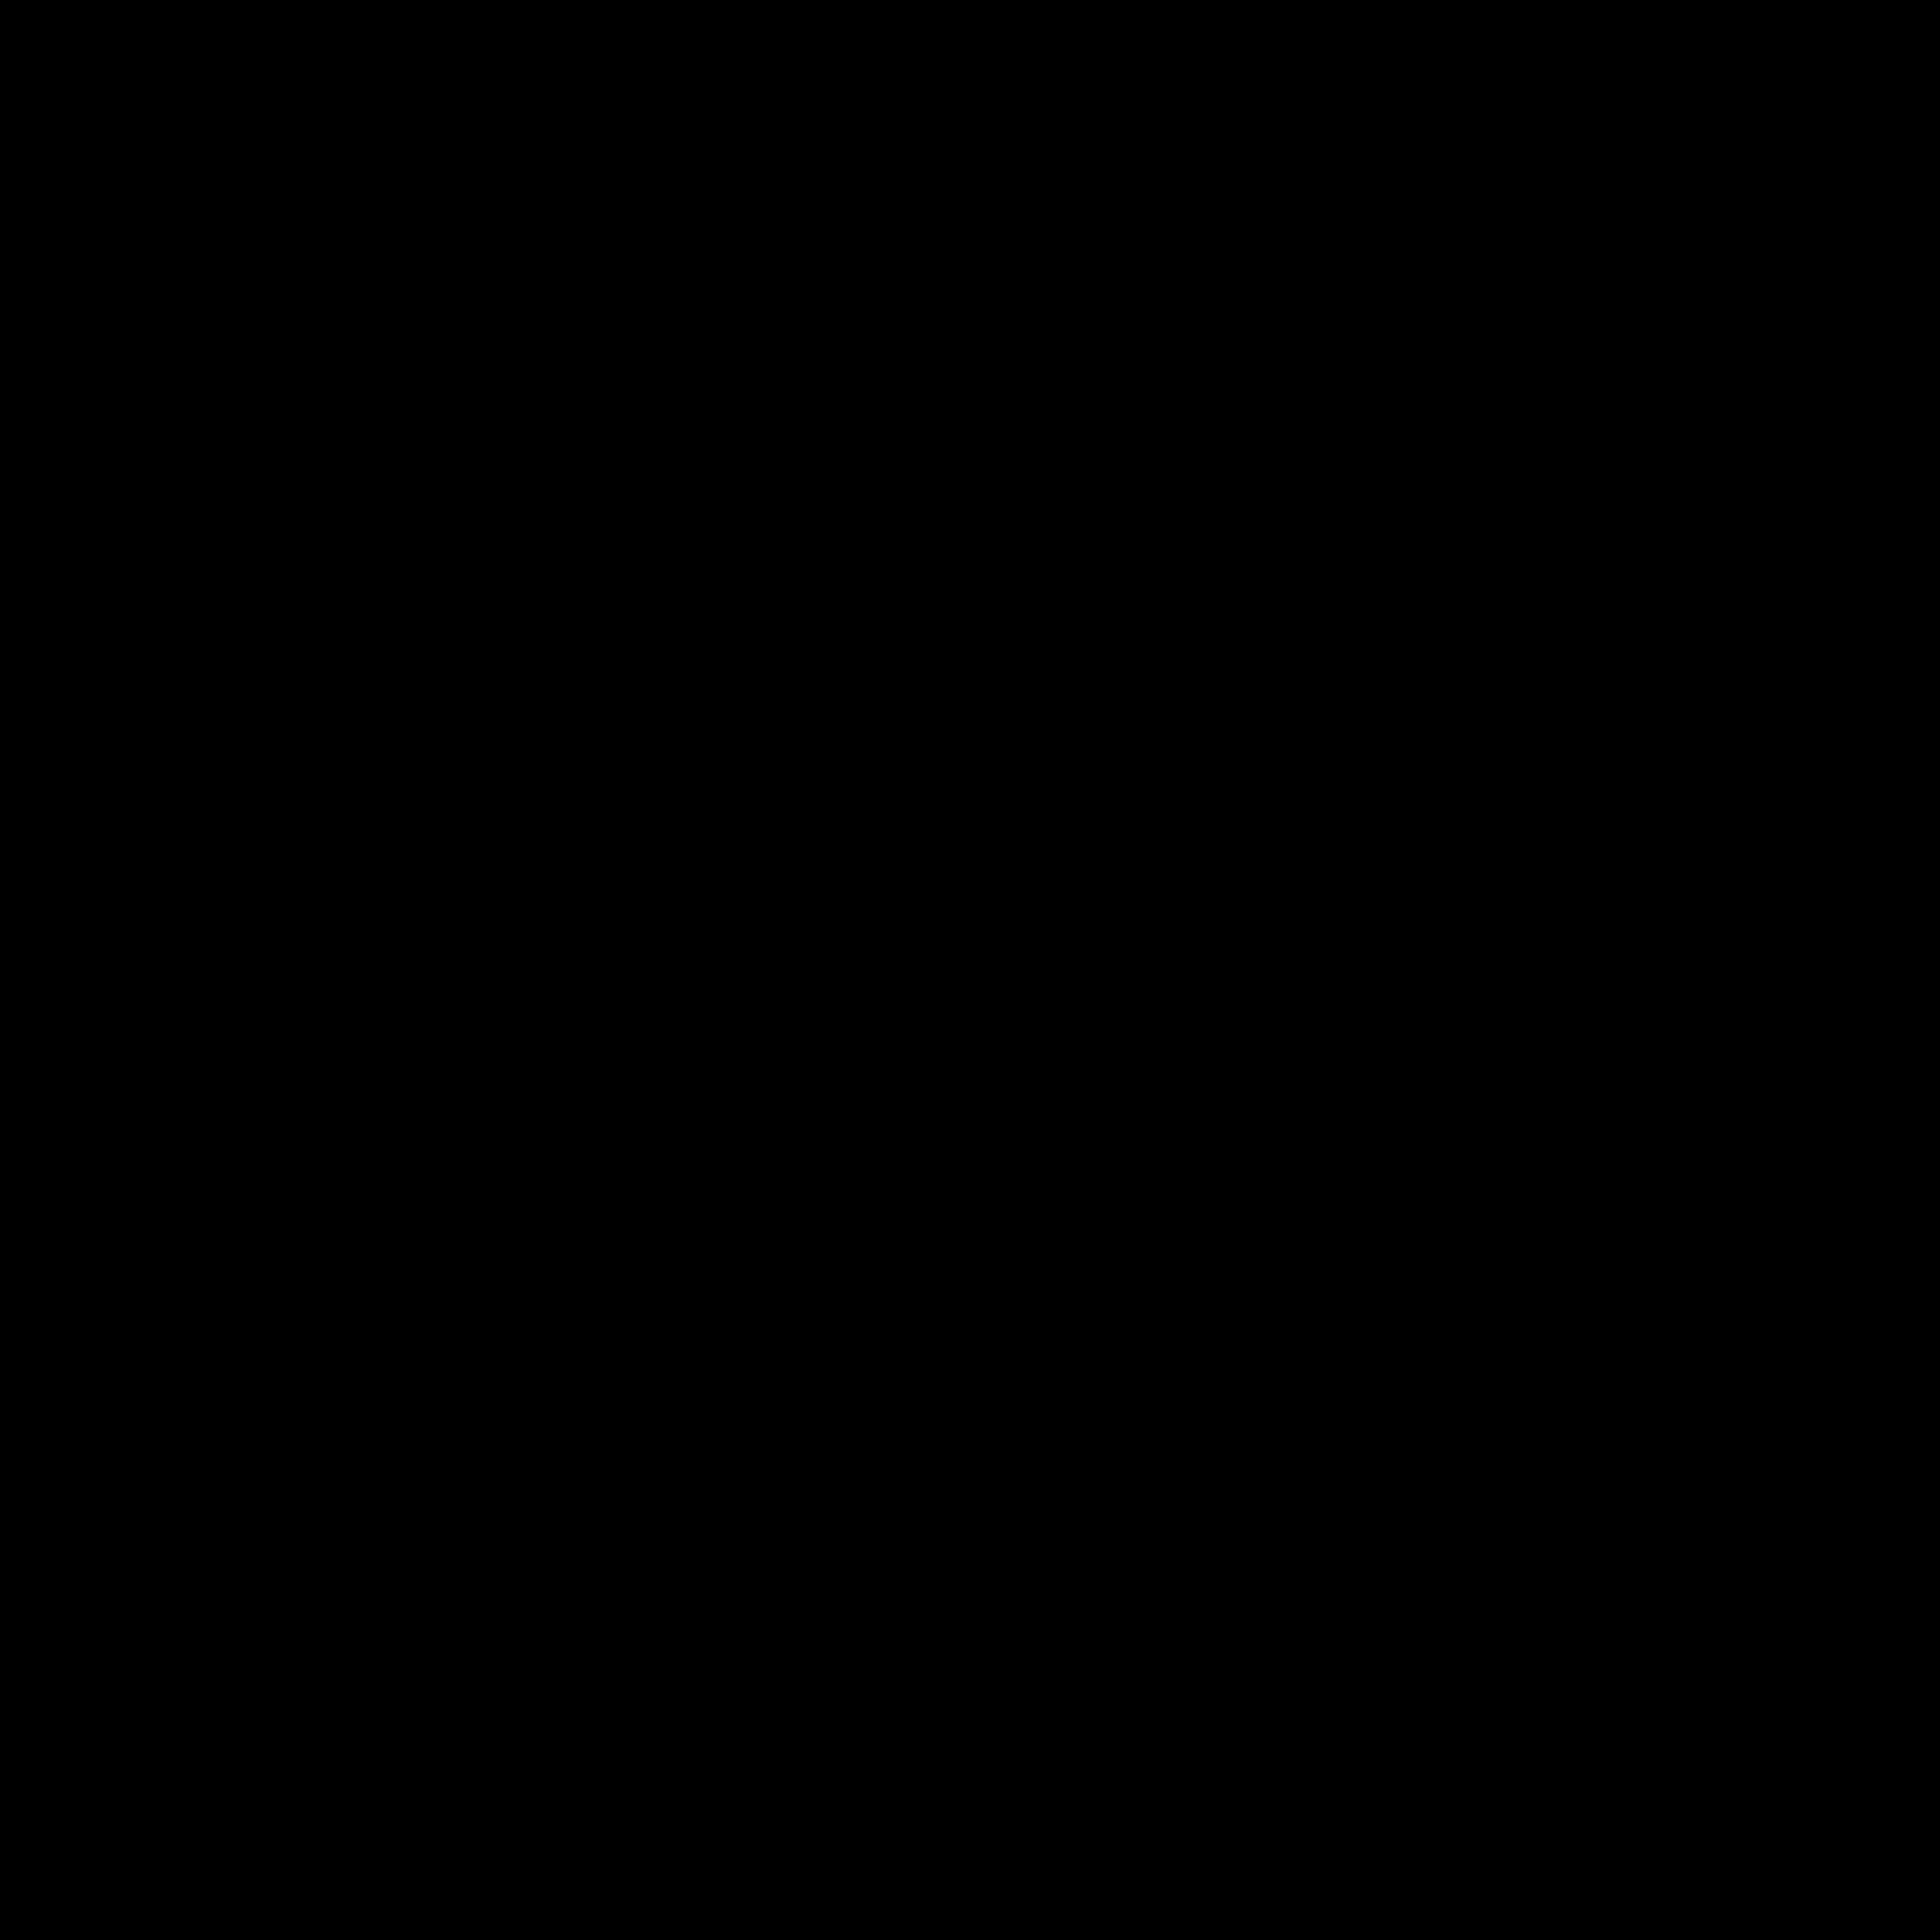 Фирм стиль для новой сети лапшичных  - дизайнер vmelnikova